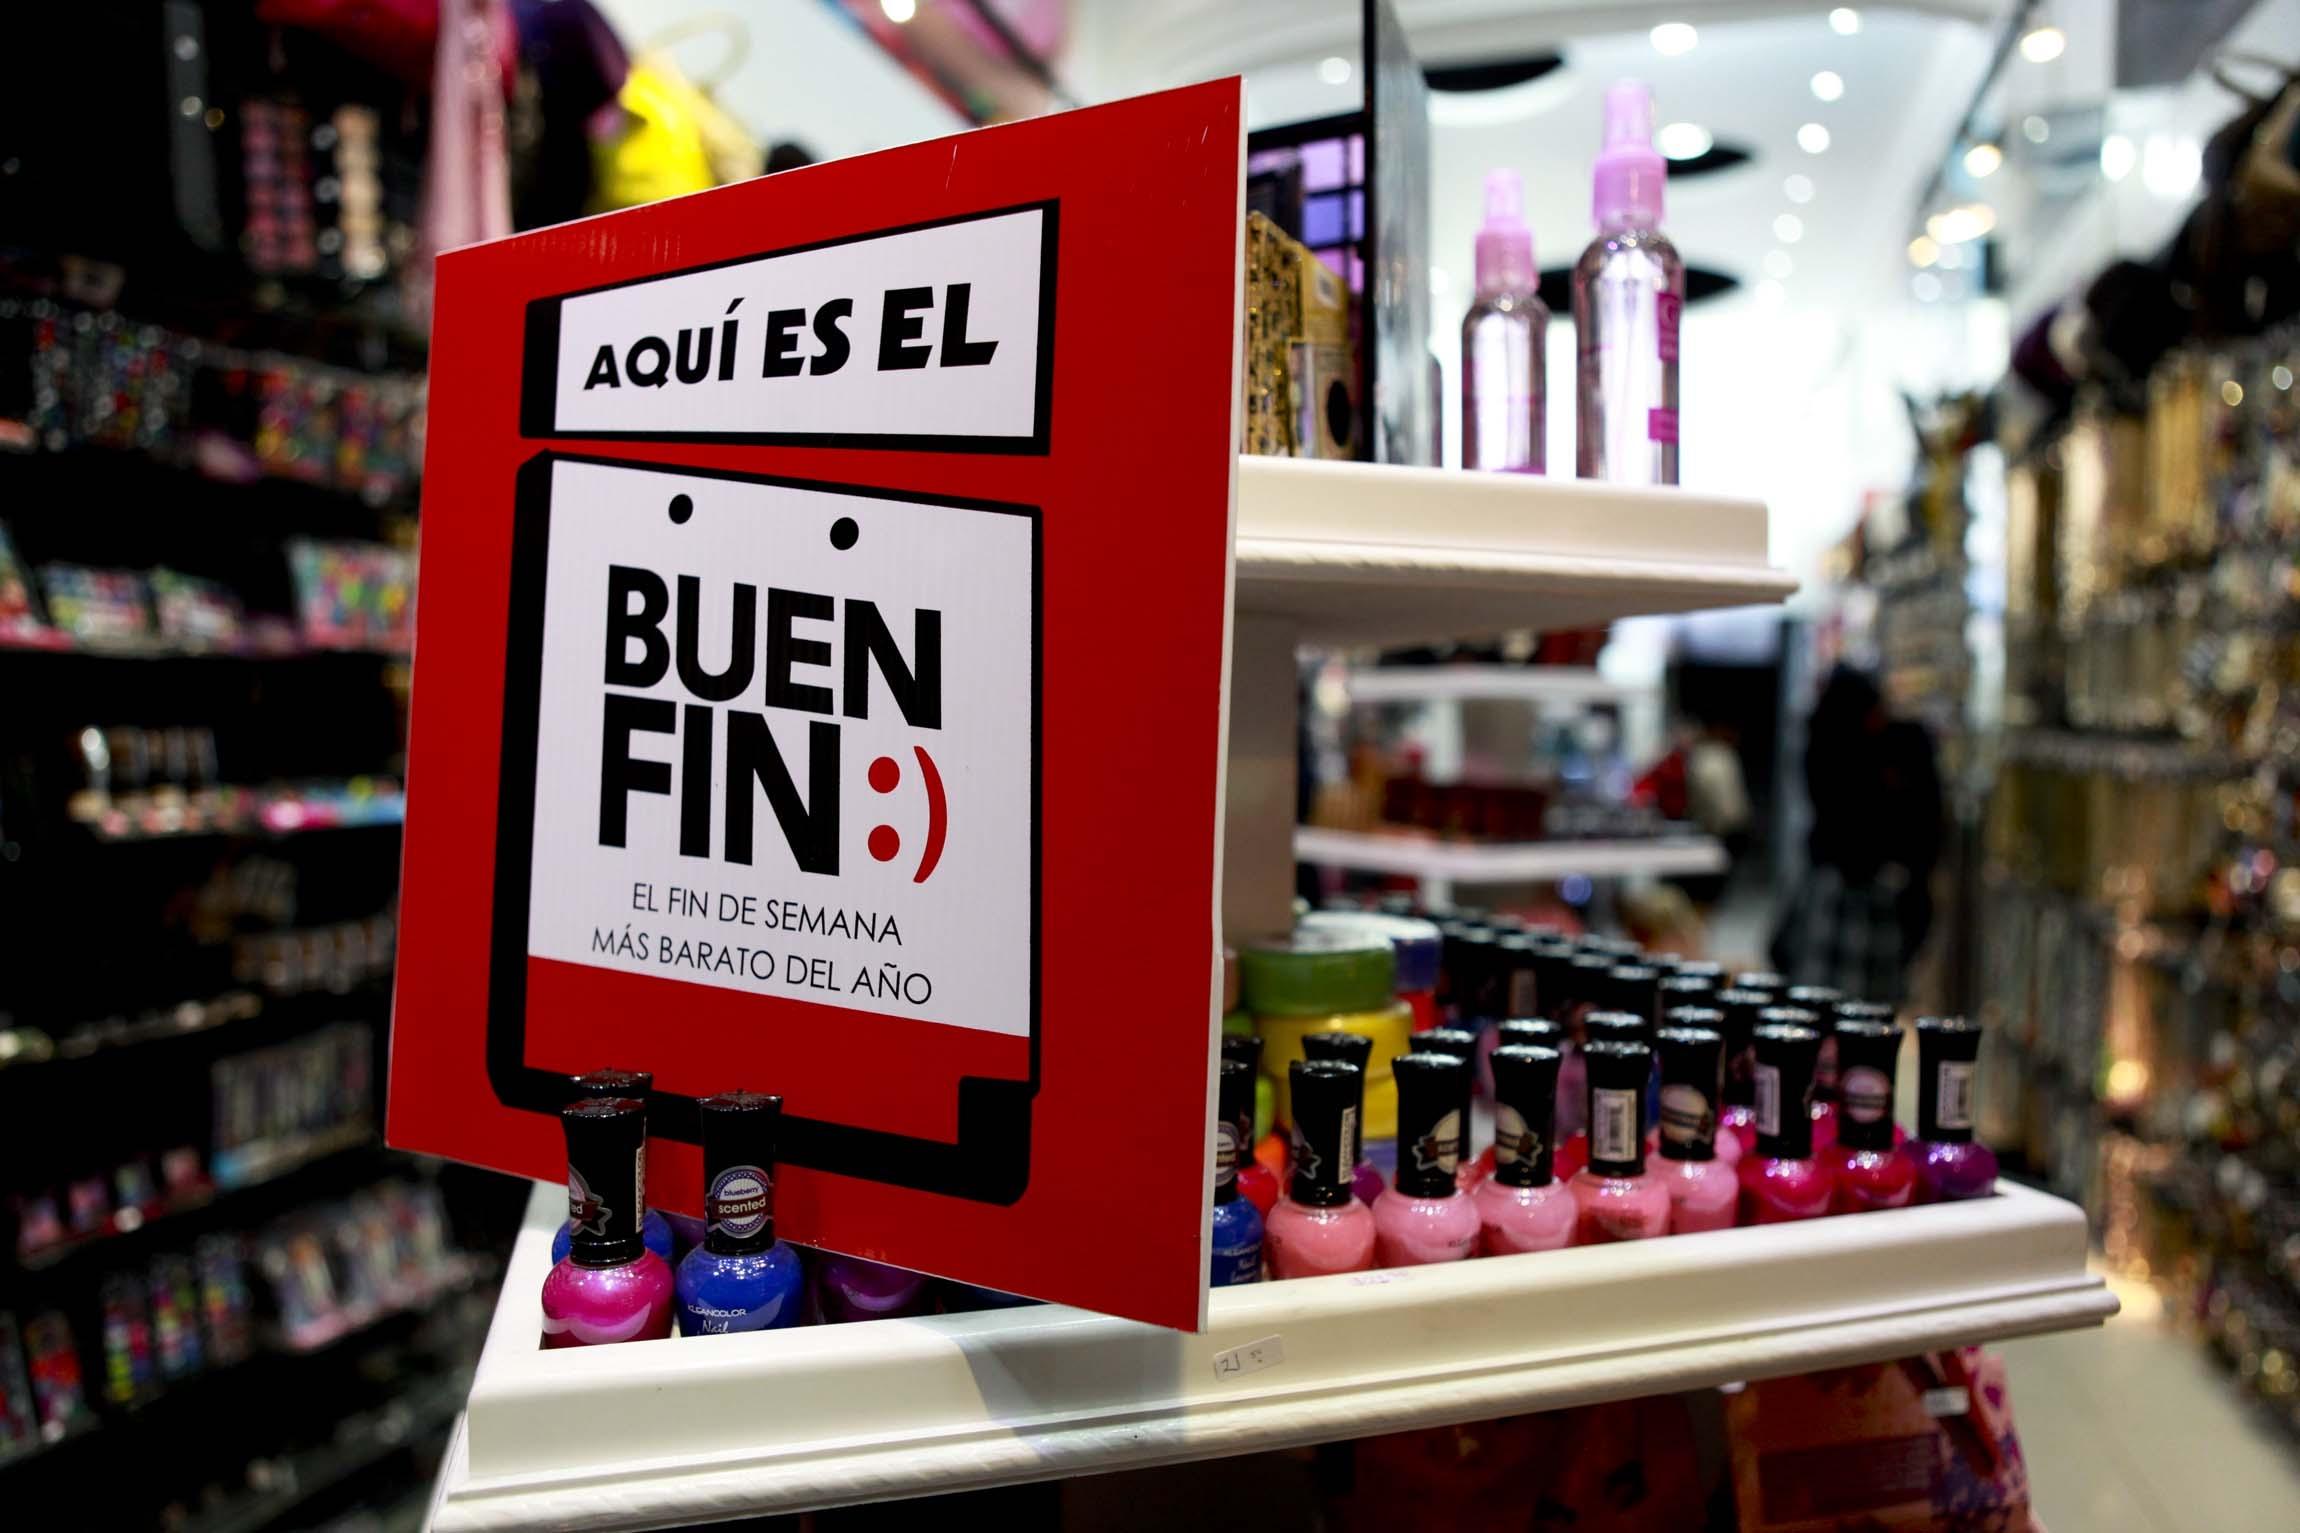 Los electrónicos y otros productos podrían estar más caros en El Buen Fin de este año que en 2015, aun y con las ofertas.